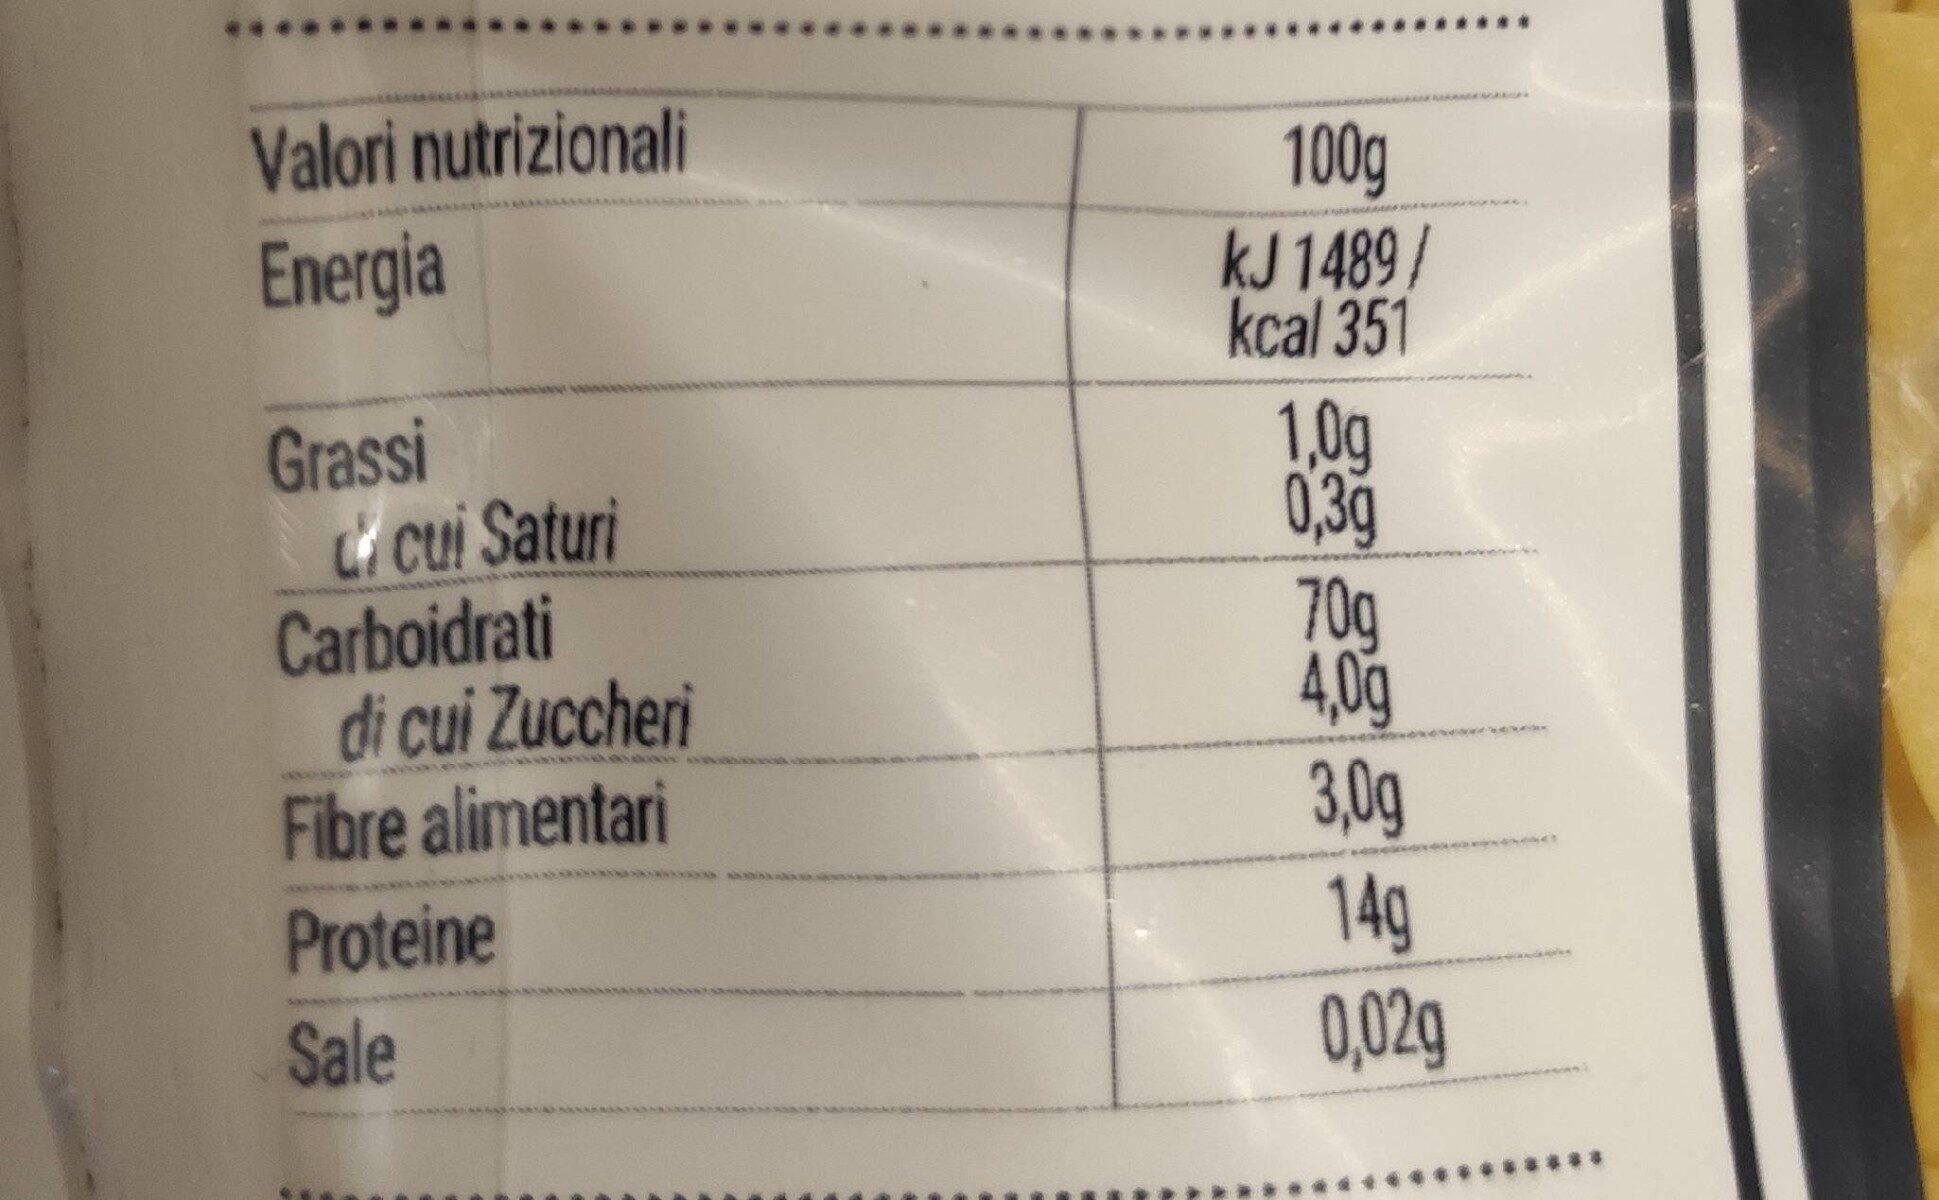 La Molisana Pasta Fantasia No.72 - Nutrition facts - fr